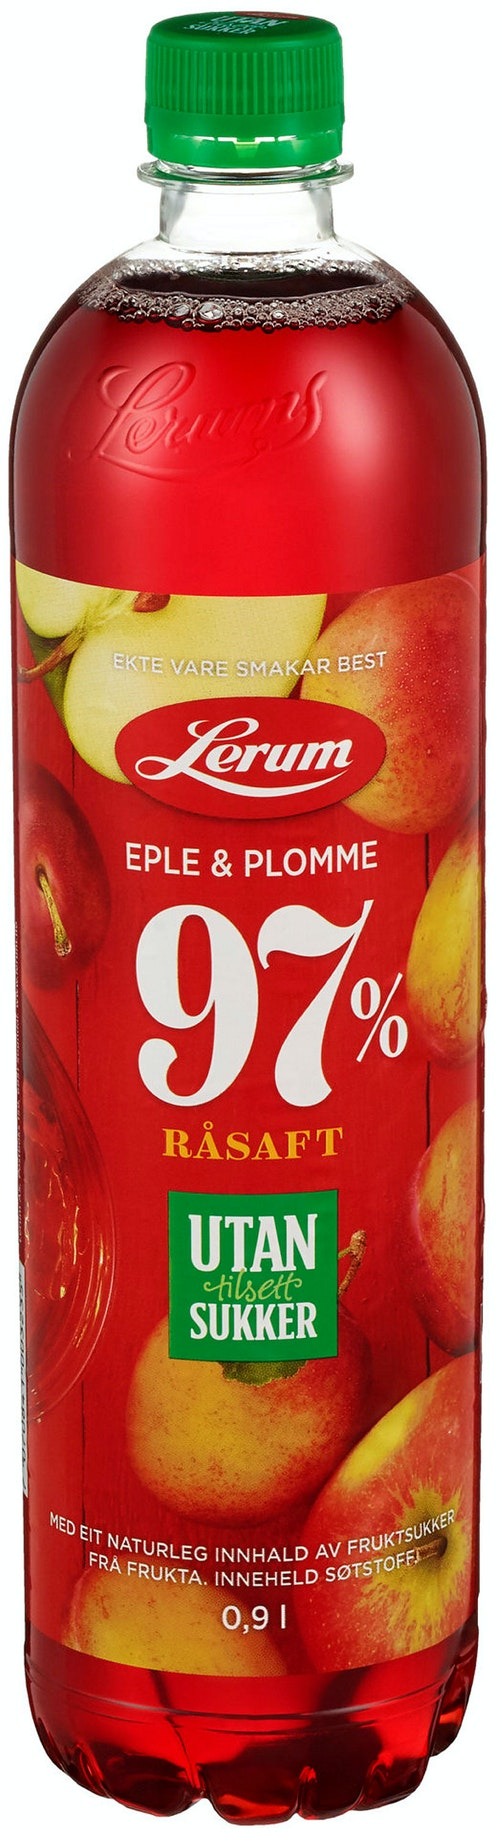 Lerum Eple & plommesaft Uten Tilsatt Sukker, 0,9 l